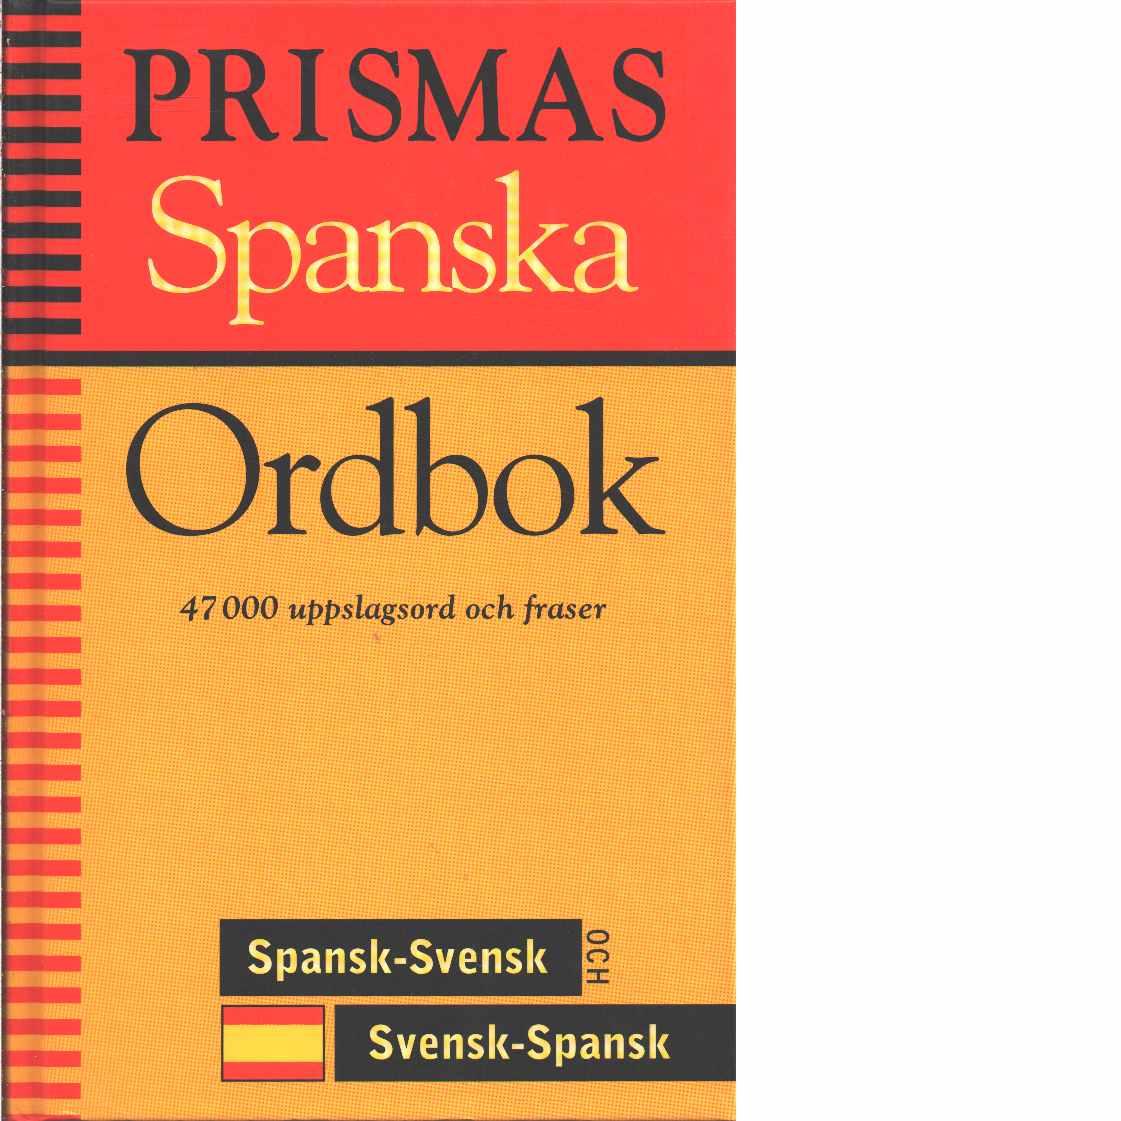 Prismas spanska ordbok : spansk-svensk, svensk-spansk, grammatik : [47000 uppslagsord och fraser]  - Red.